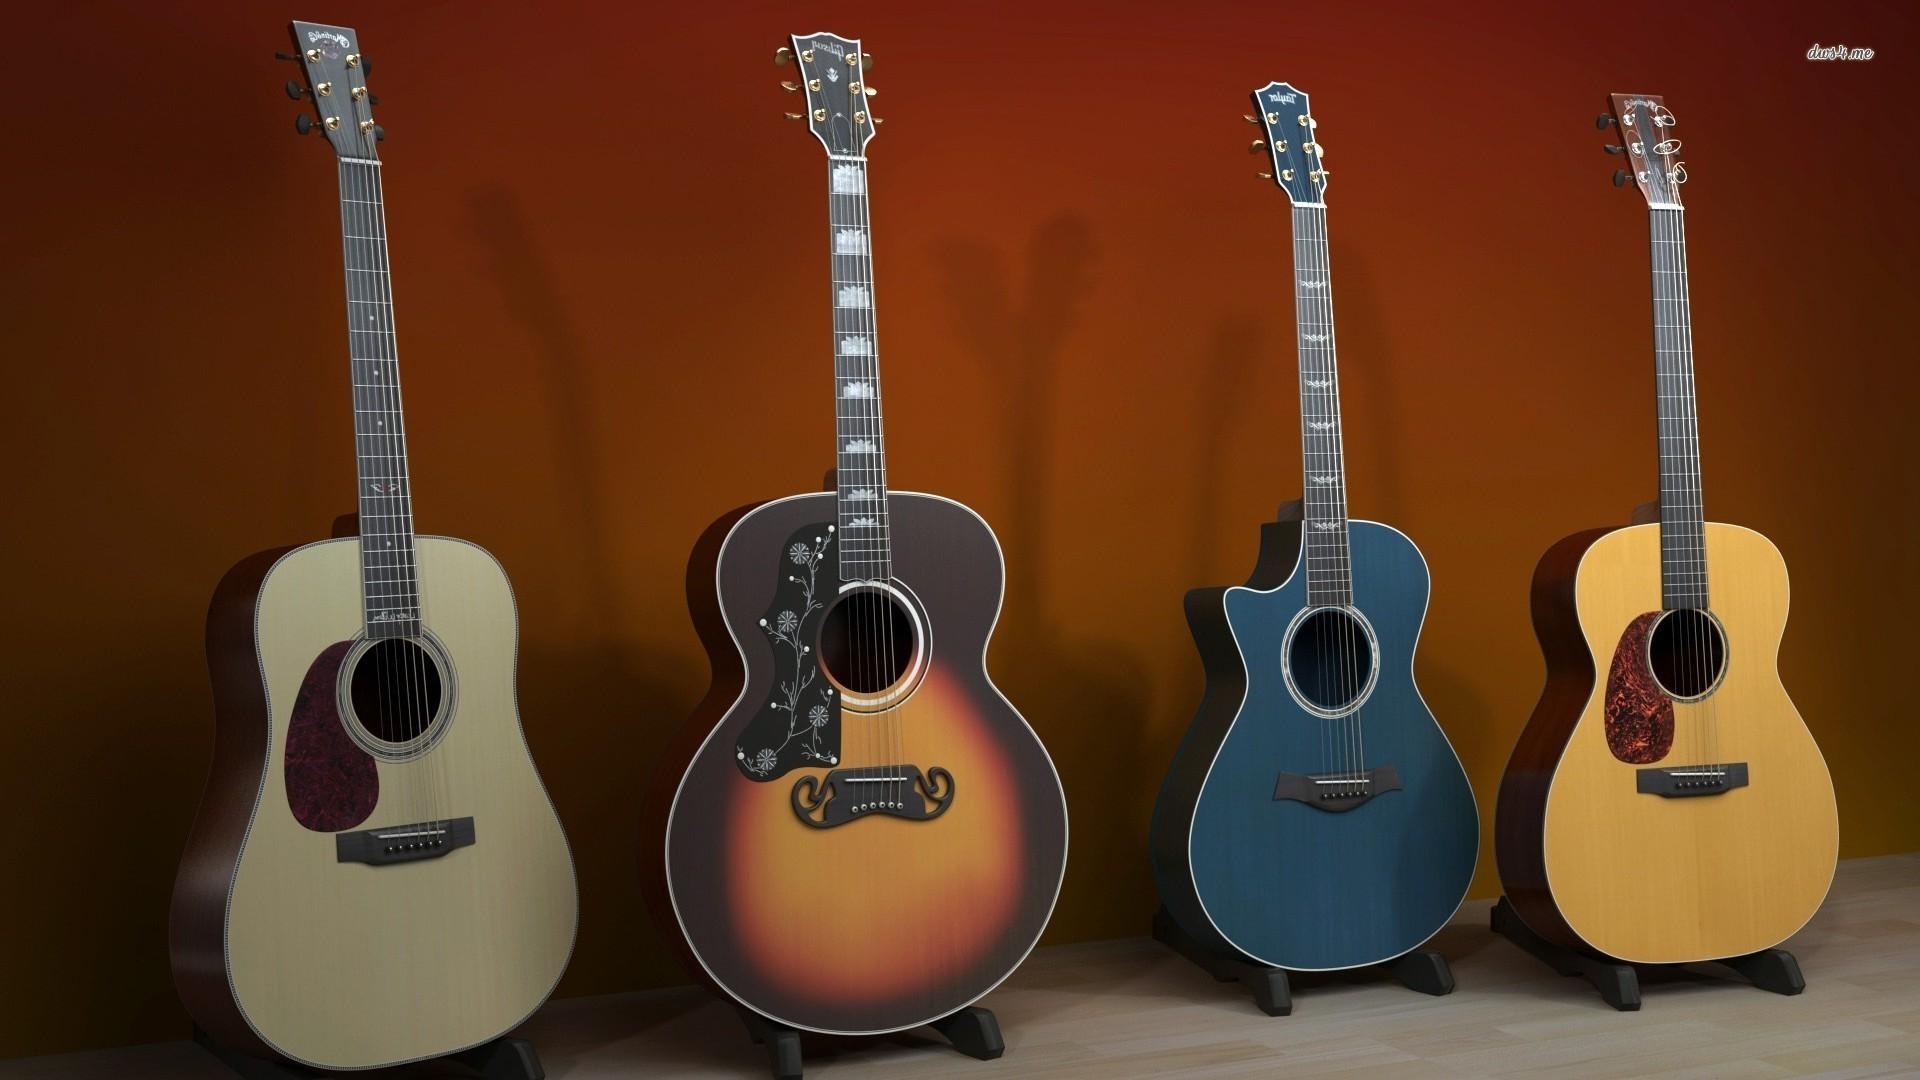 Classical guitars wallpaper – Music wallpapers – #8060